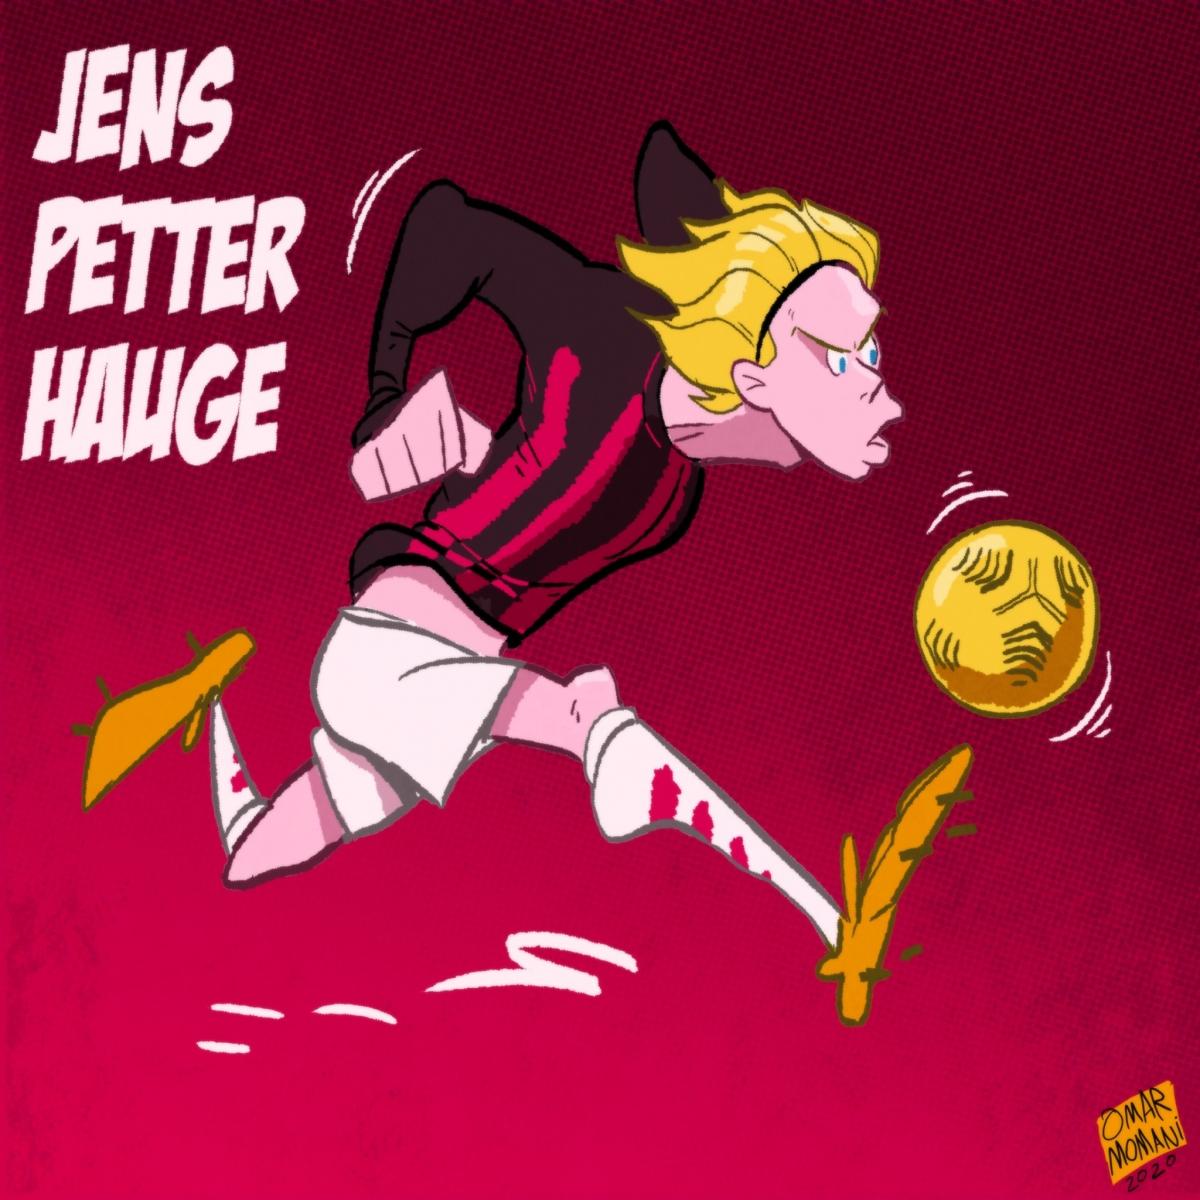 Petter Hauge - Tài năng trẻ của AC Milan. (Ảnh: Omar Momani)